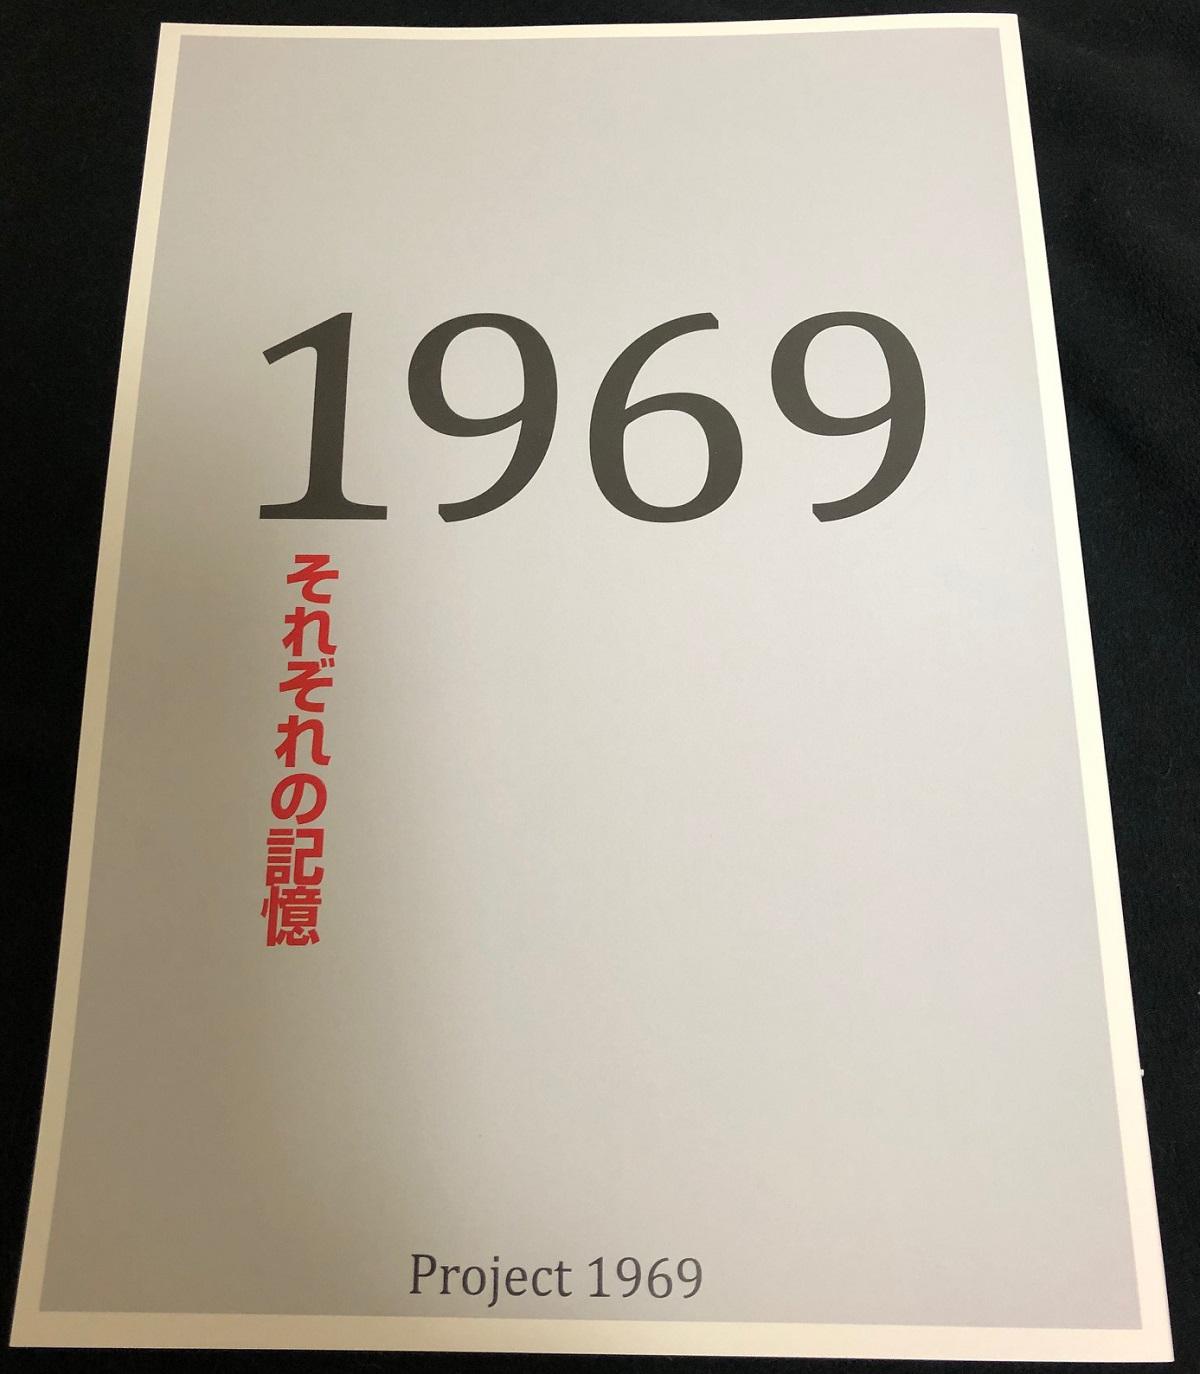 『1969 それぞれの記憶――Memories of 1969 in IGUSA Highschool』(2019)